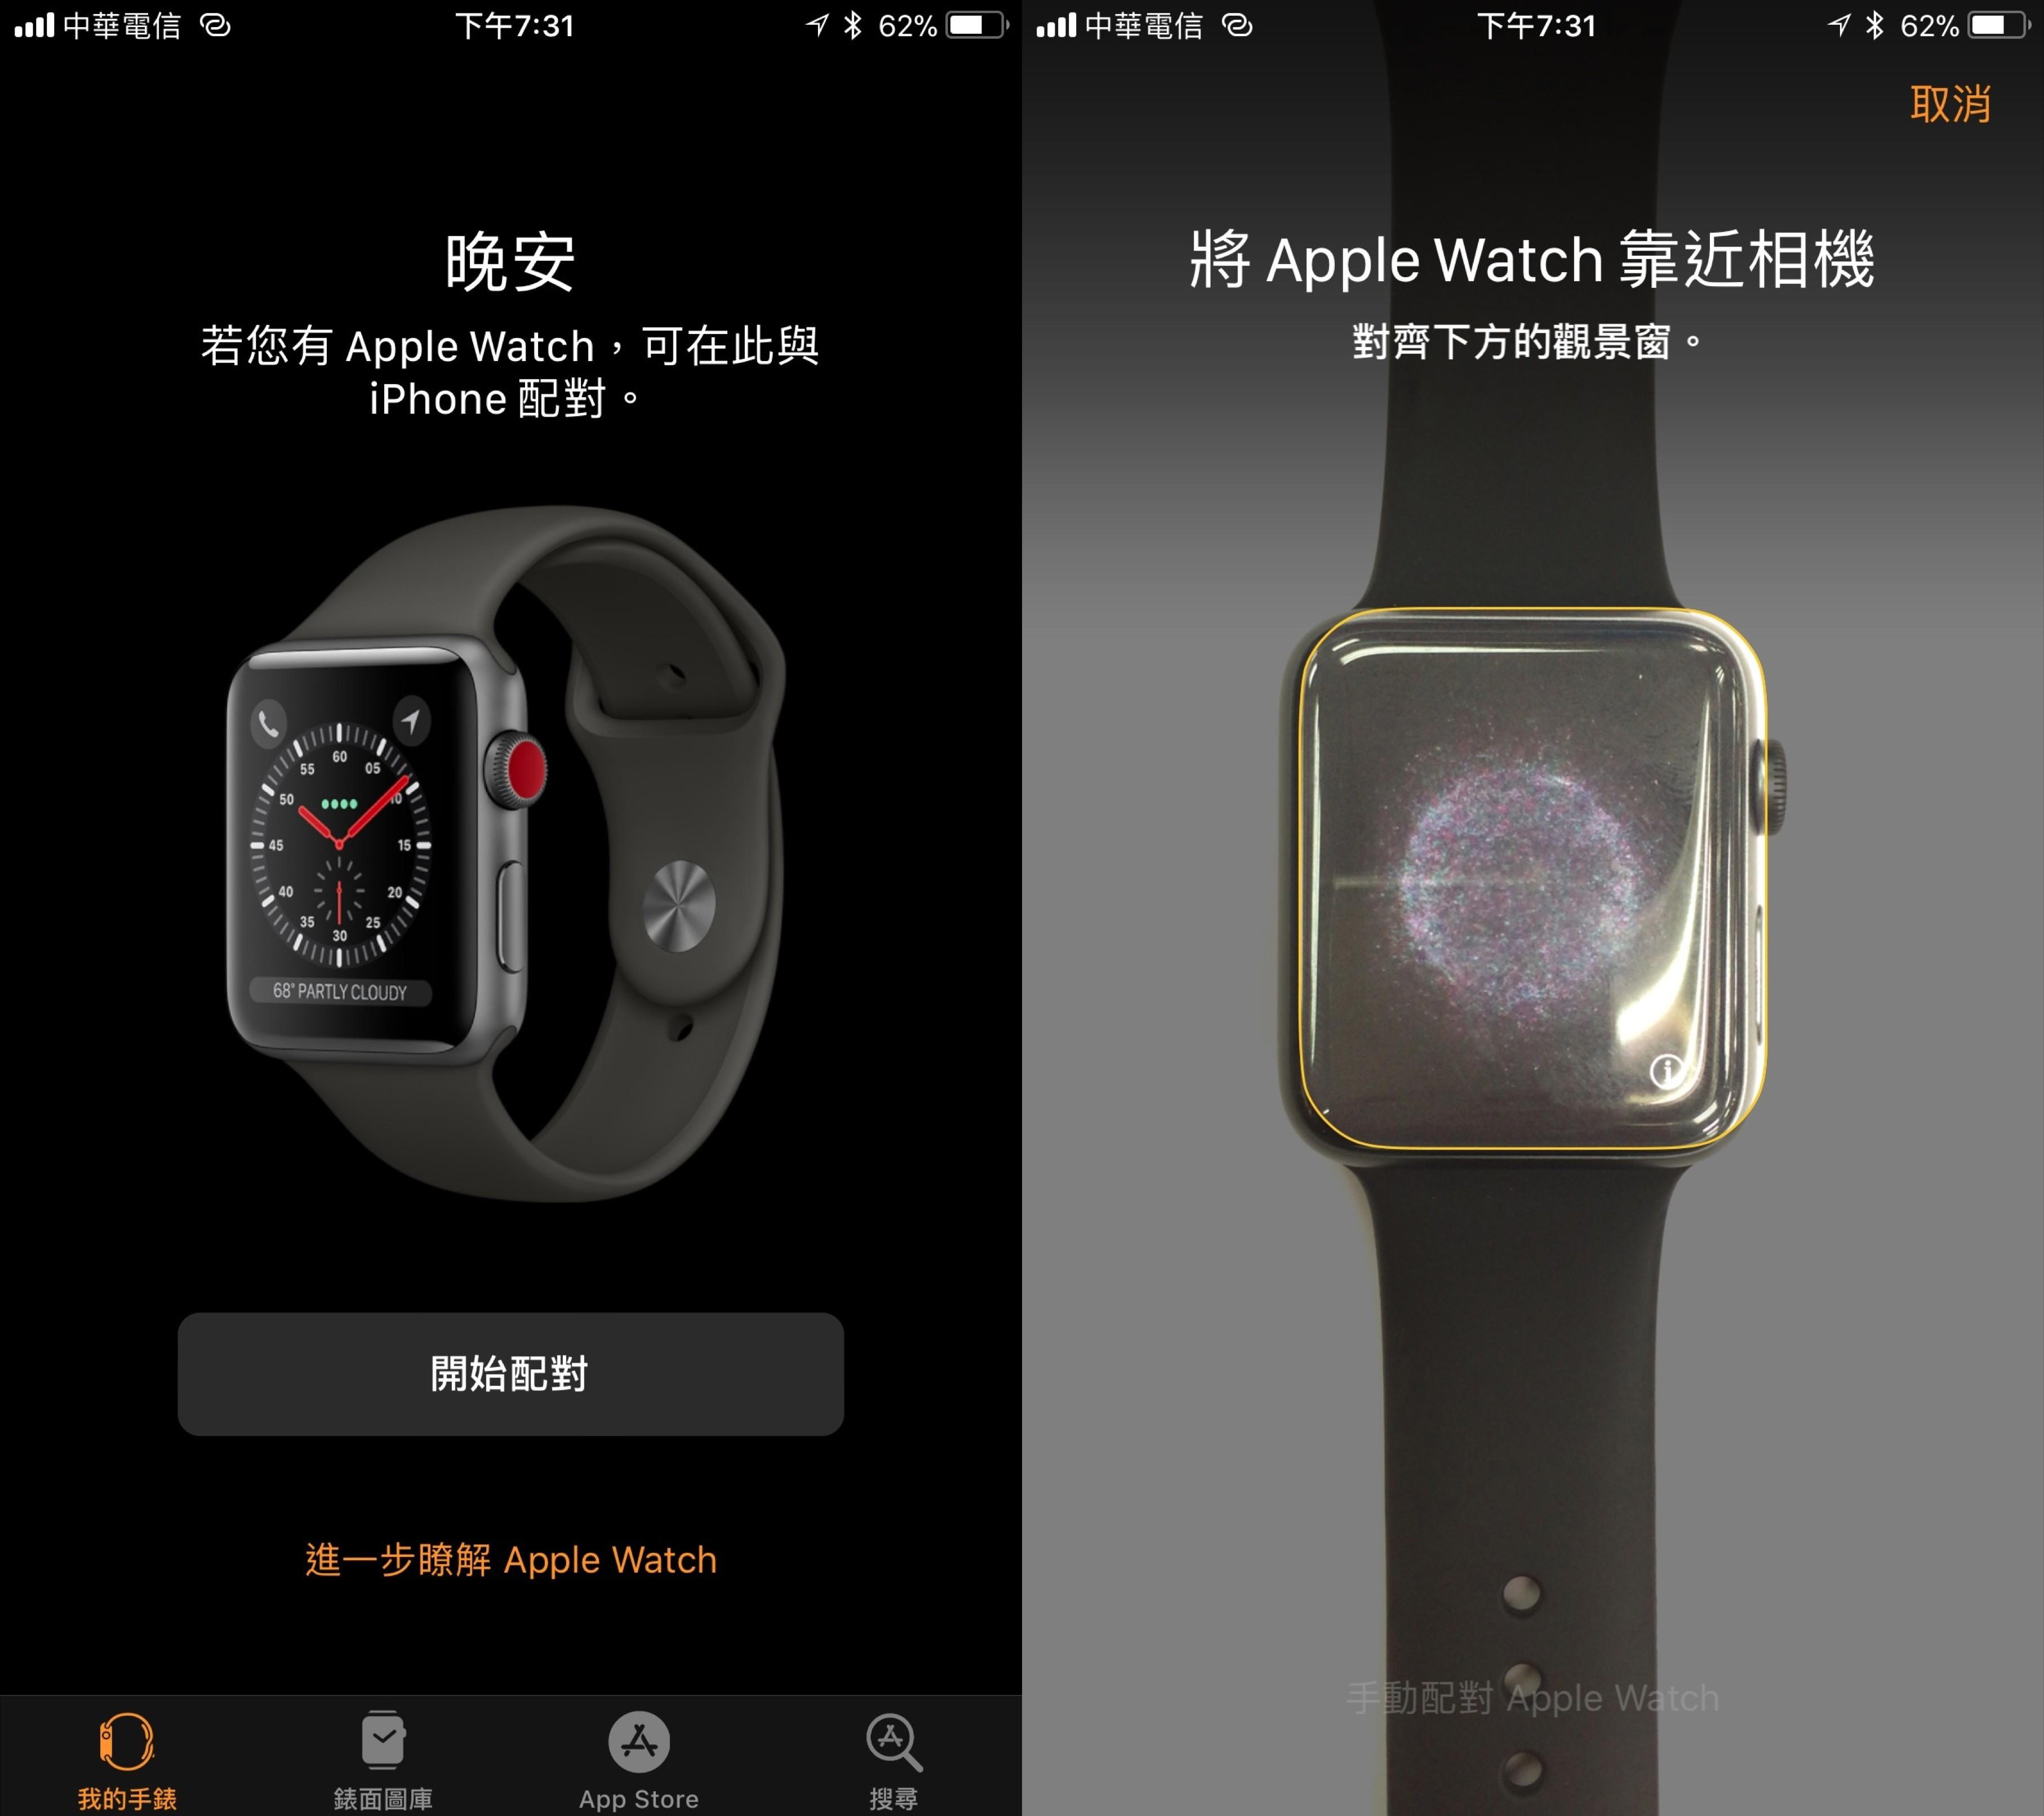 將 Apple Watch 與 iPhone 配對 1